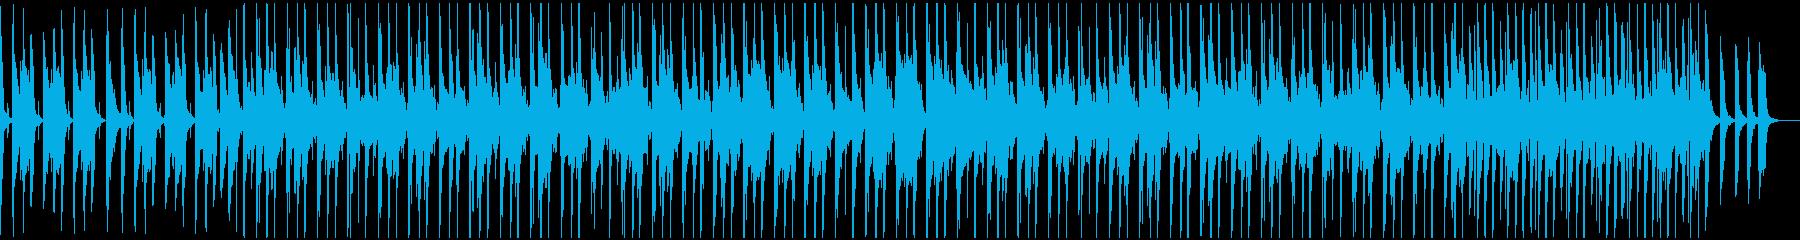 可愛らしいほのぼのポップスの再生済みの波形